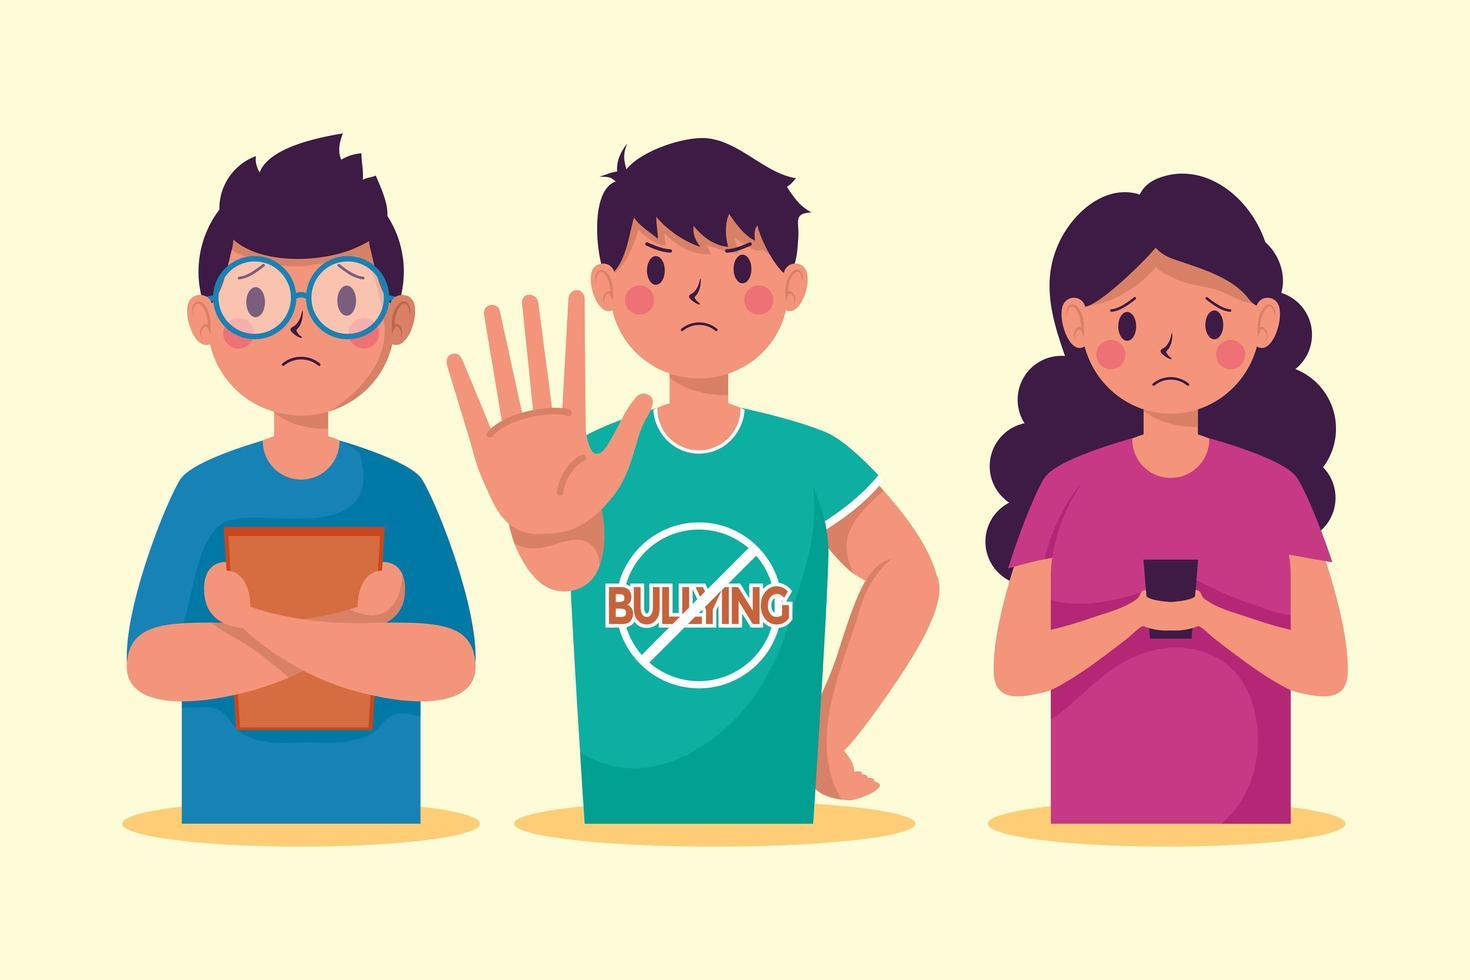 pare de campanha de bullying com jovens vítimas vetor